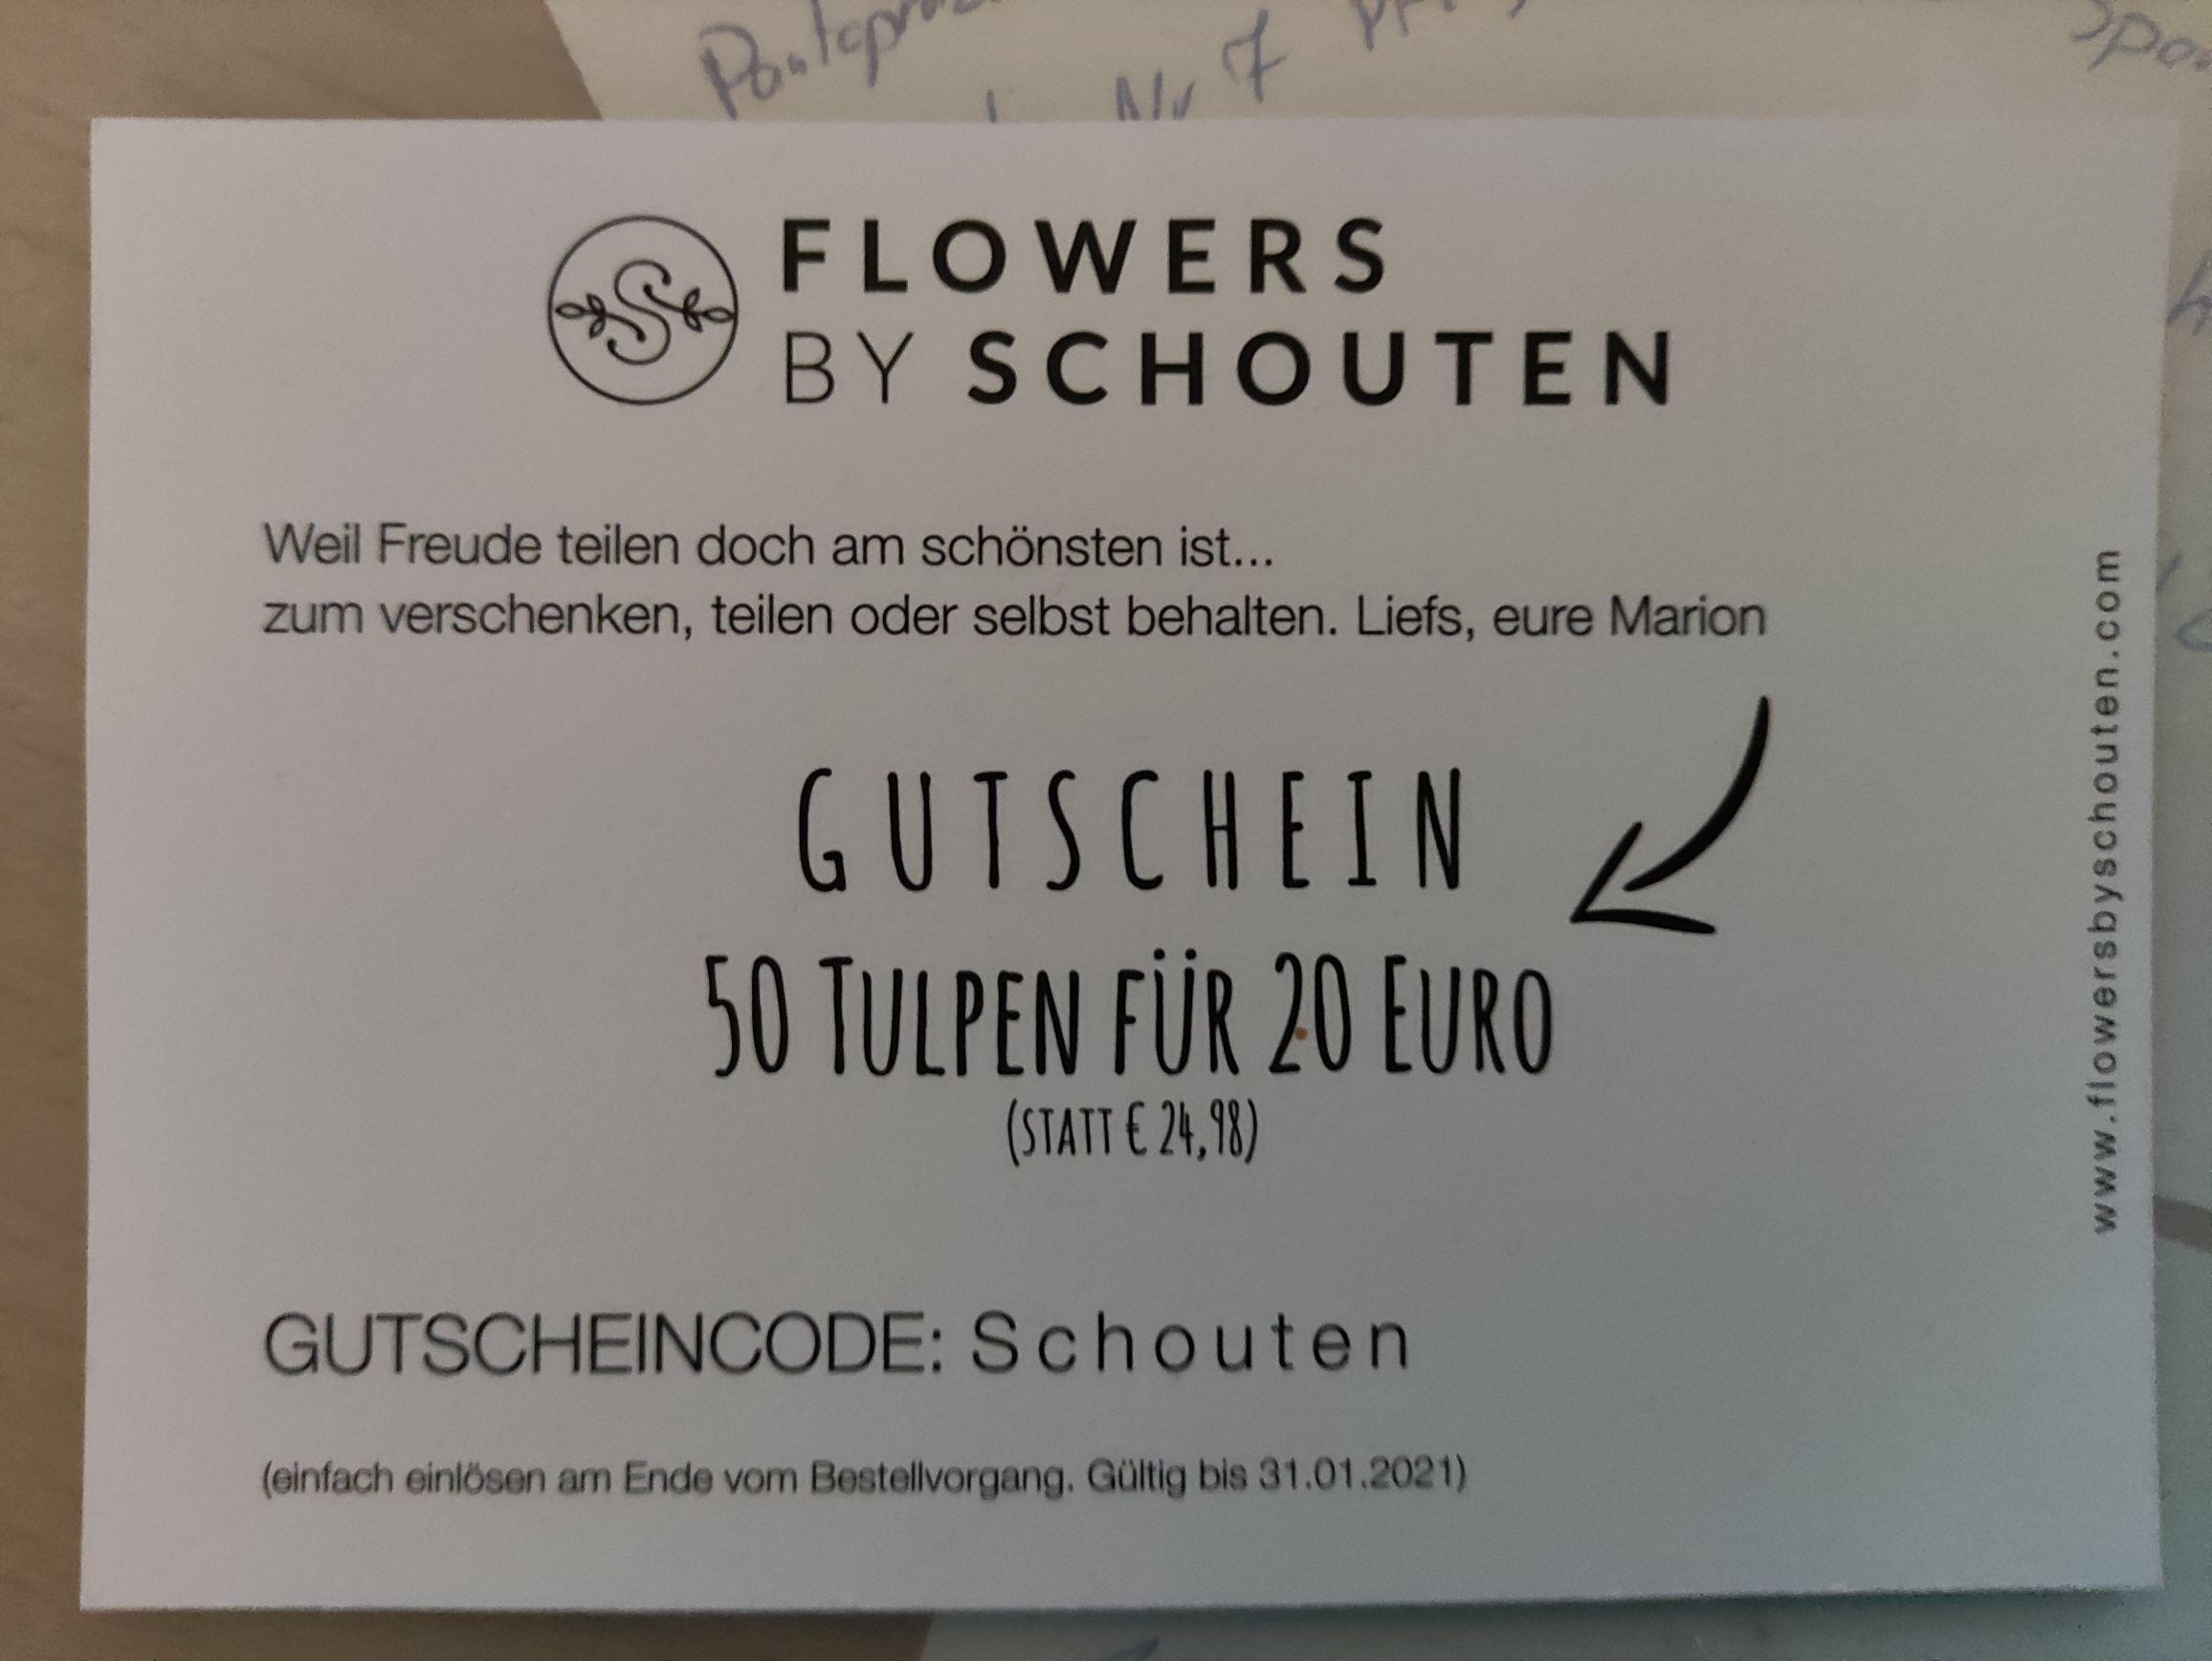 50 Tulpen für 20 anstatt 24.98